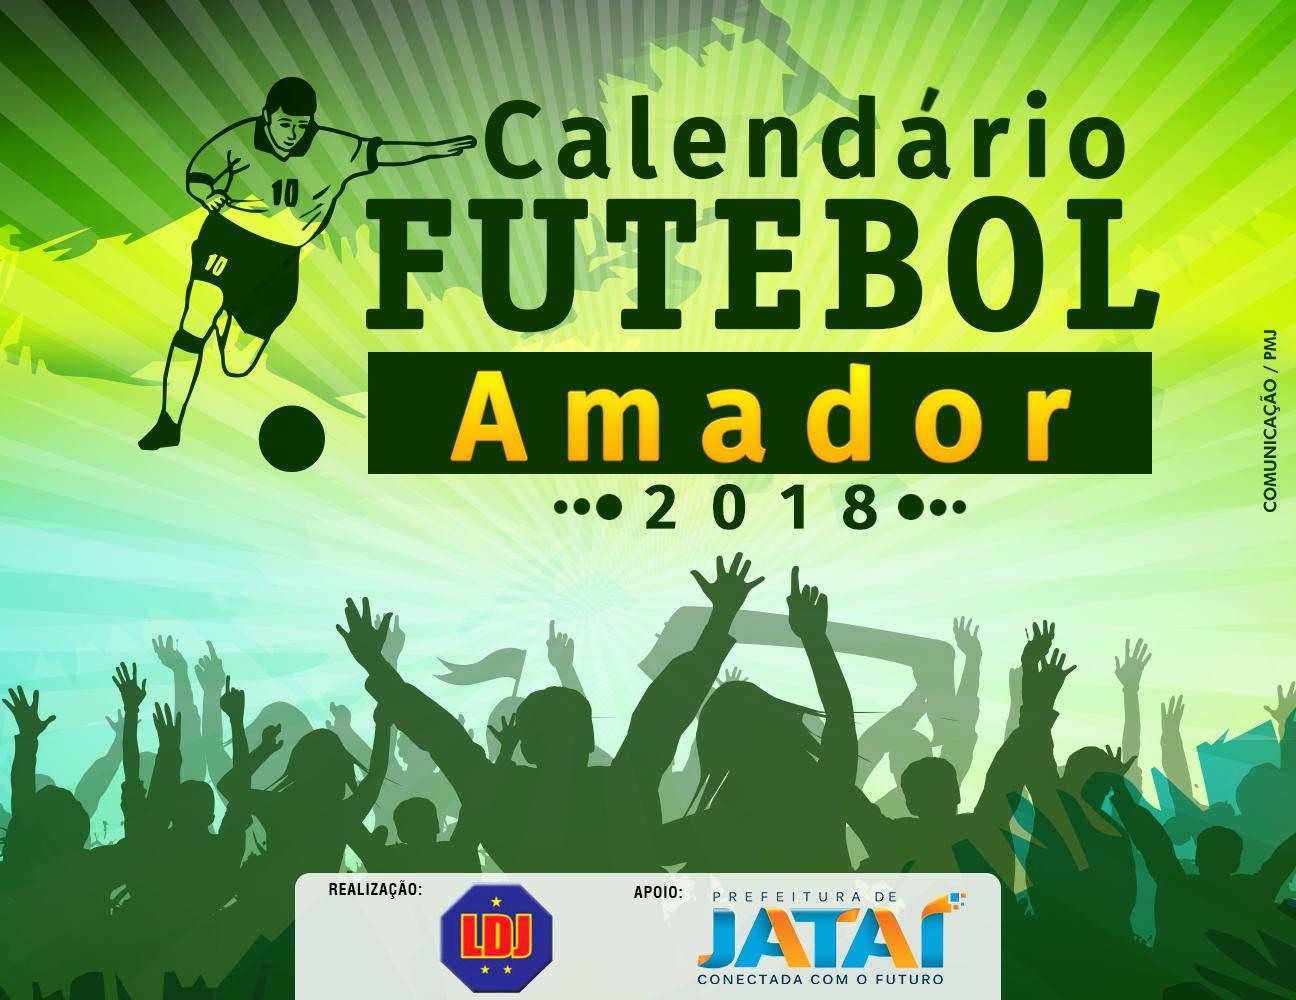 4e260719d6 Campeonatos de futebol amador têm início com o apoio da Prefeitura ...